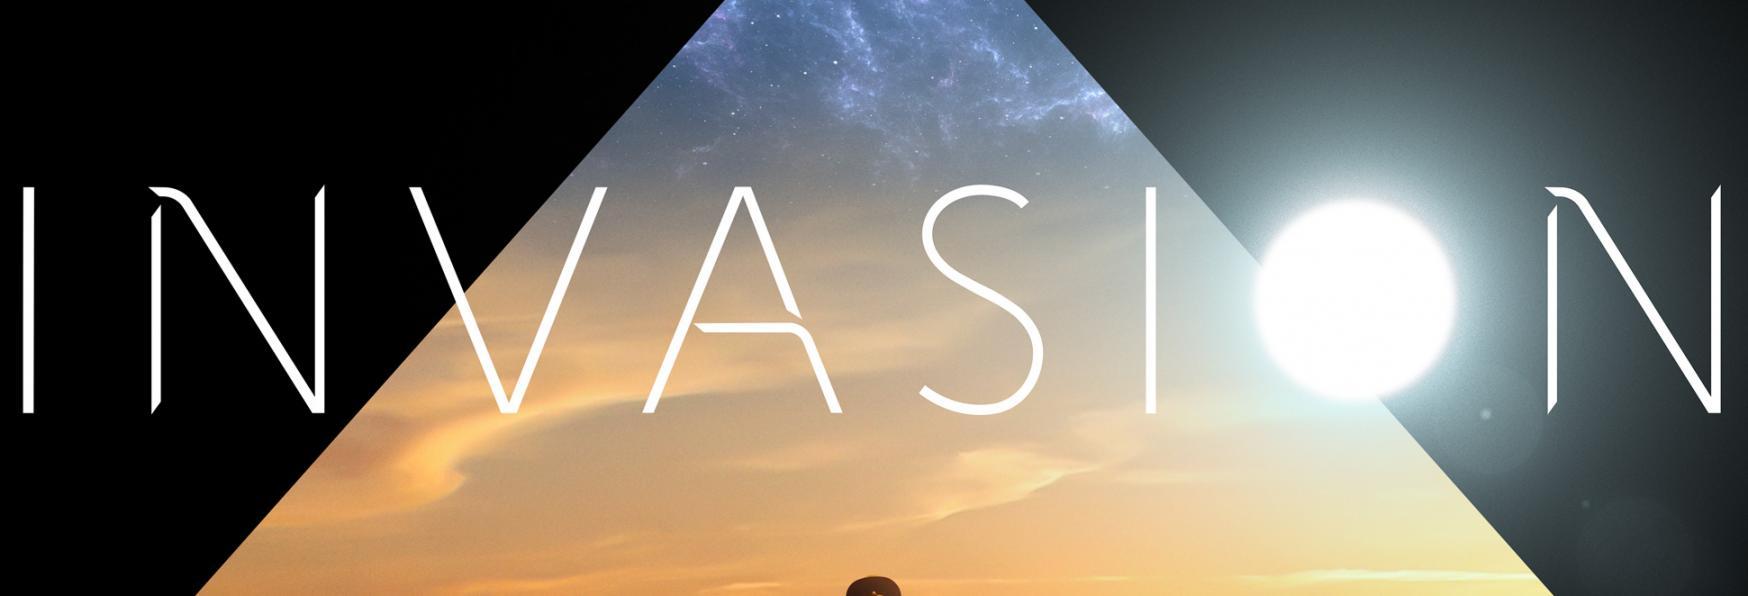 Invasion: il Trailer Ufficiale della nuova Serie TV targata Apple TV+